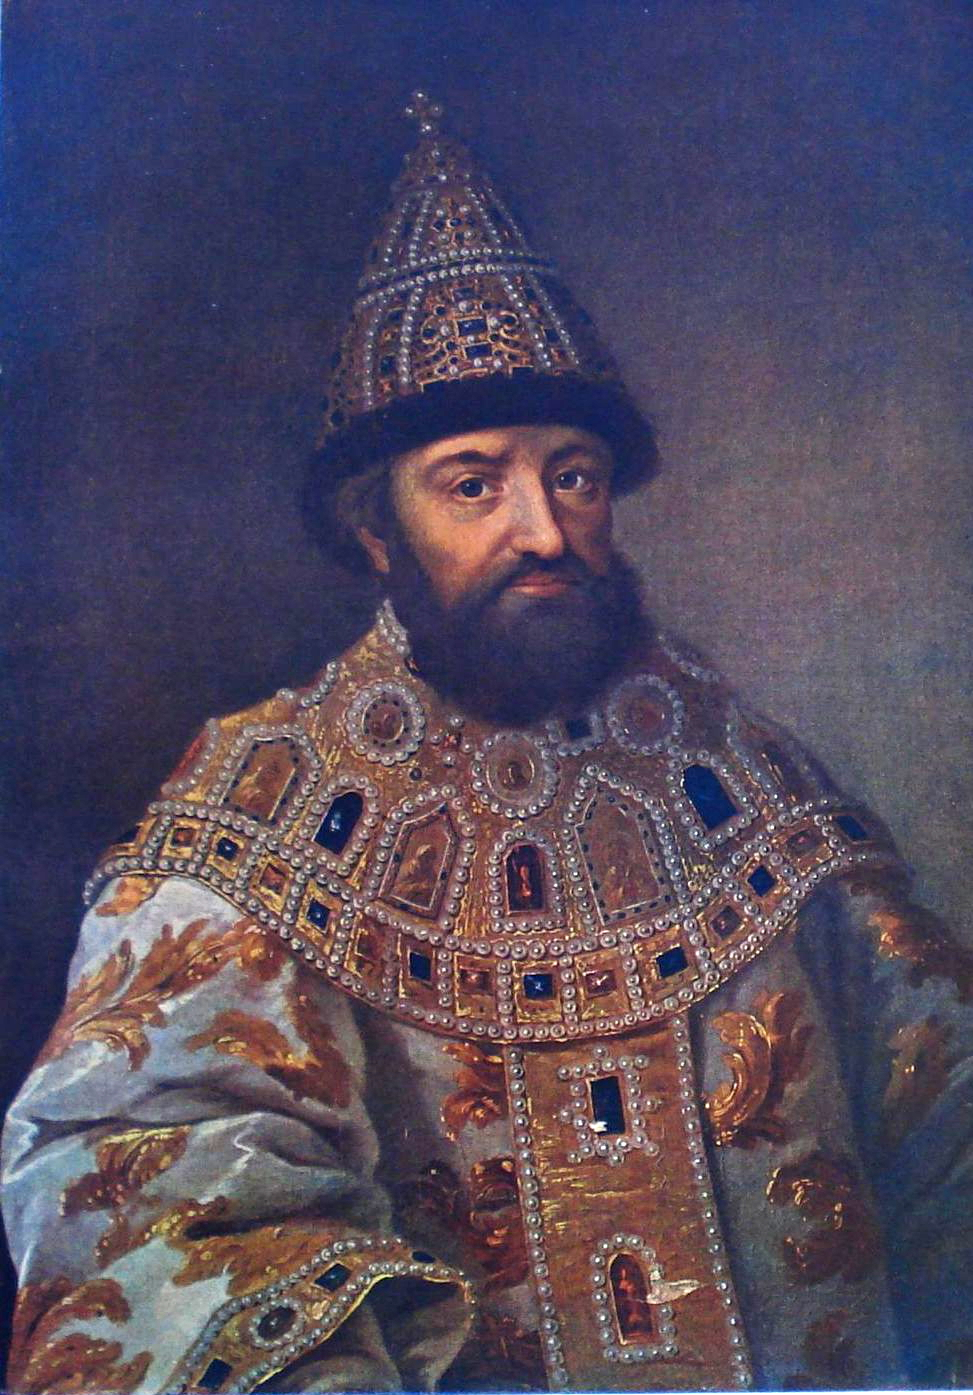 Портрет царя Михаила Федоровича, автор неизвестен